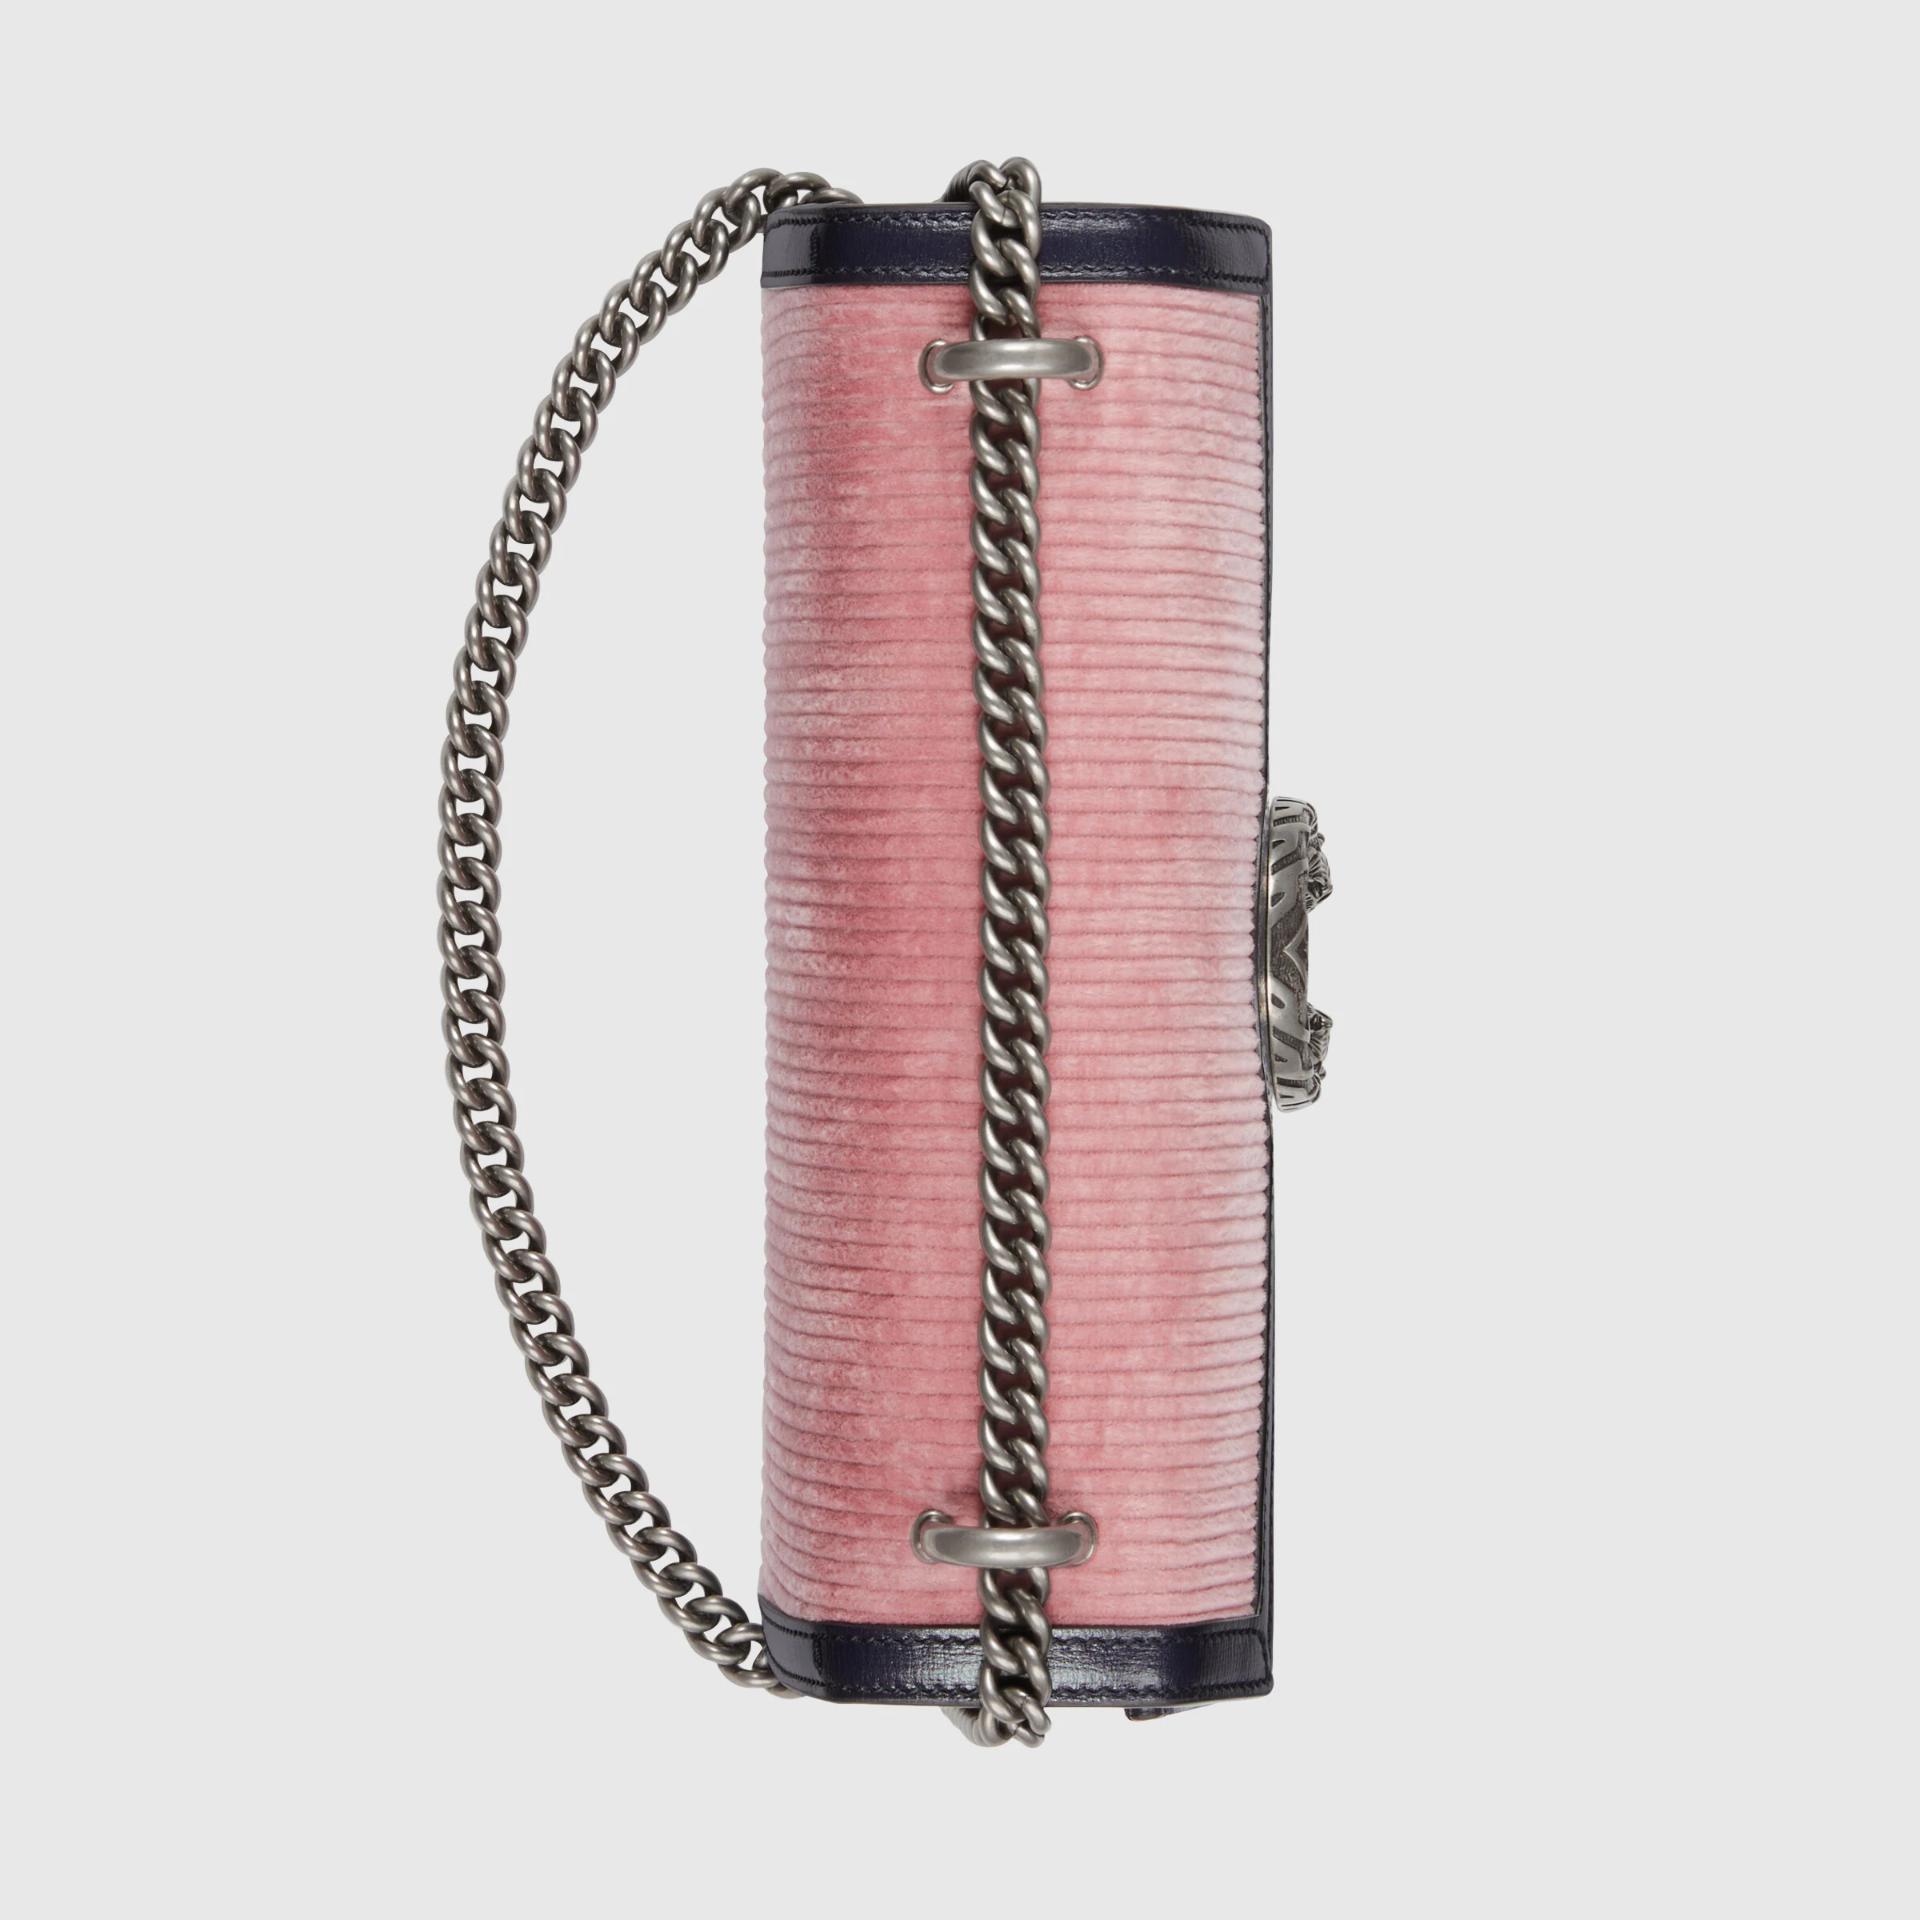 유럽직배송 구찌 GUCCI Gucci Dionysus small shoulder bag 4002492S8AN6781